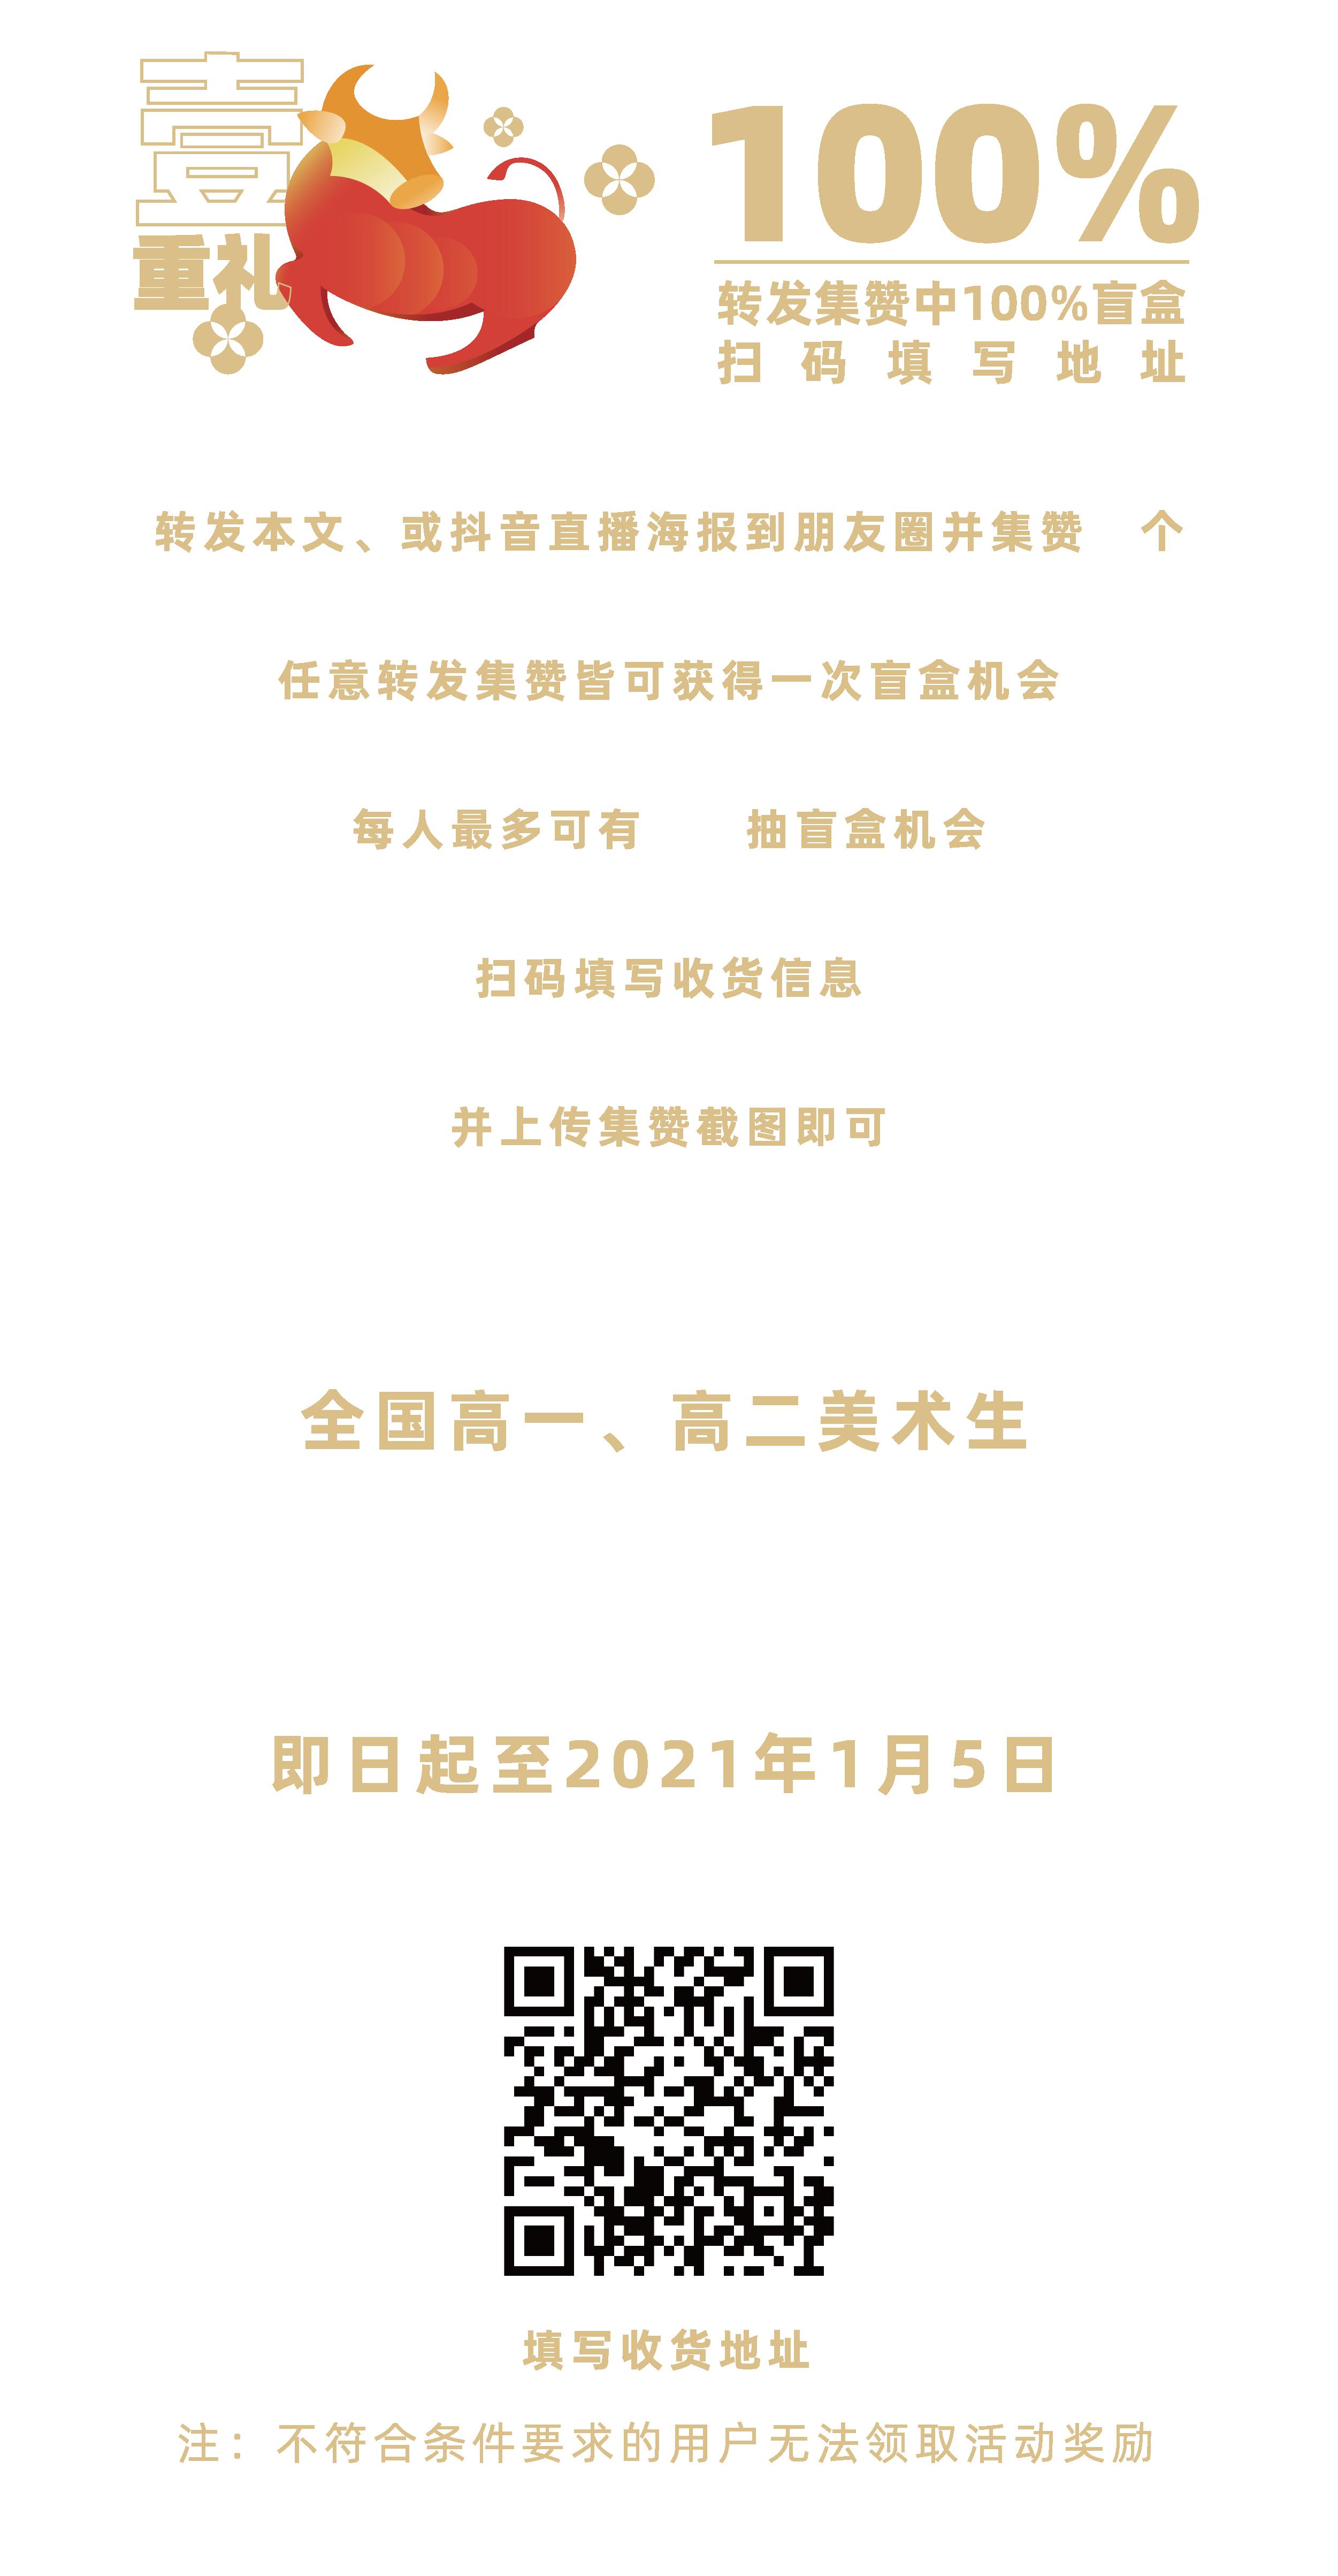 美术生狂欢夜2.0来啦!来自北京七点画室的万元豪礼正在派送中…